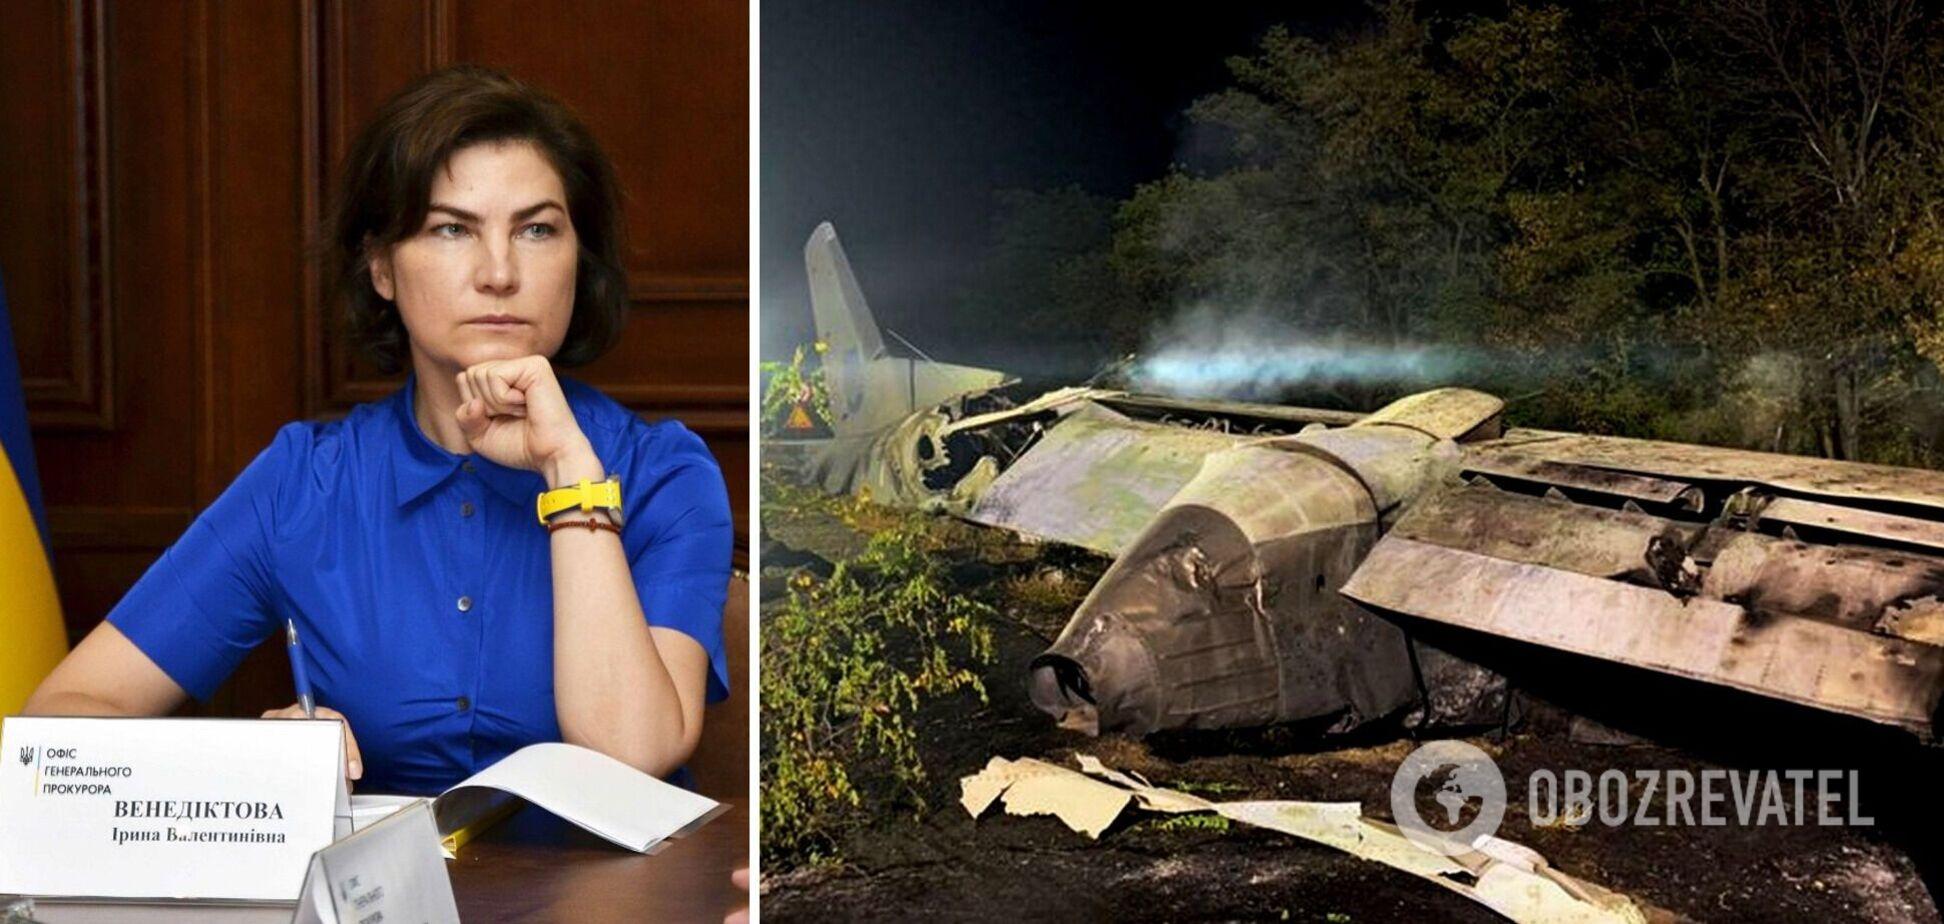 Годовщина авиакатастрофы Ан-26 на Харьковщине: Венедиктова сделала заявление